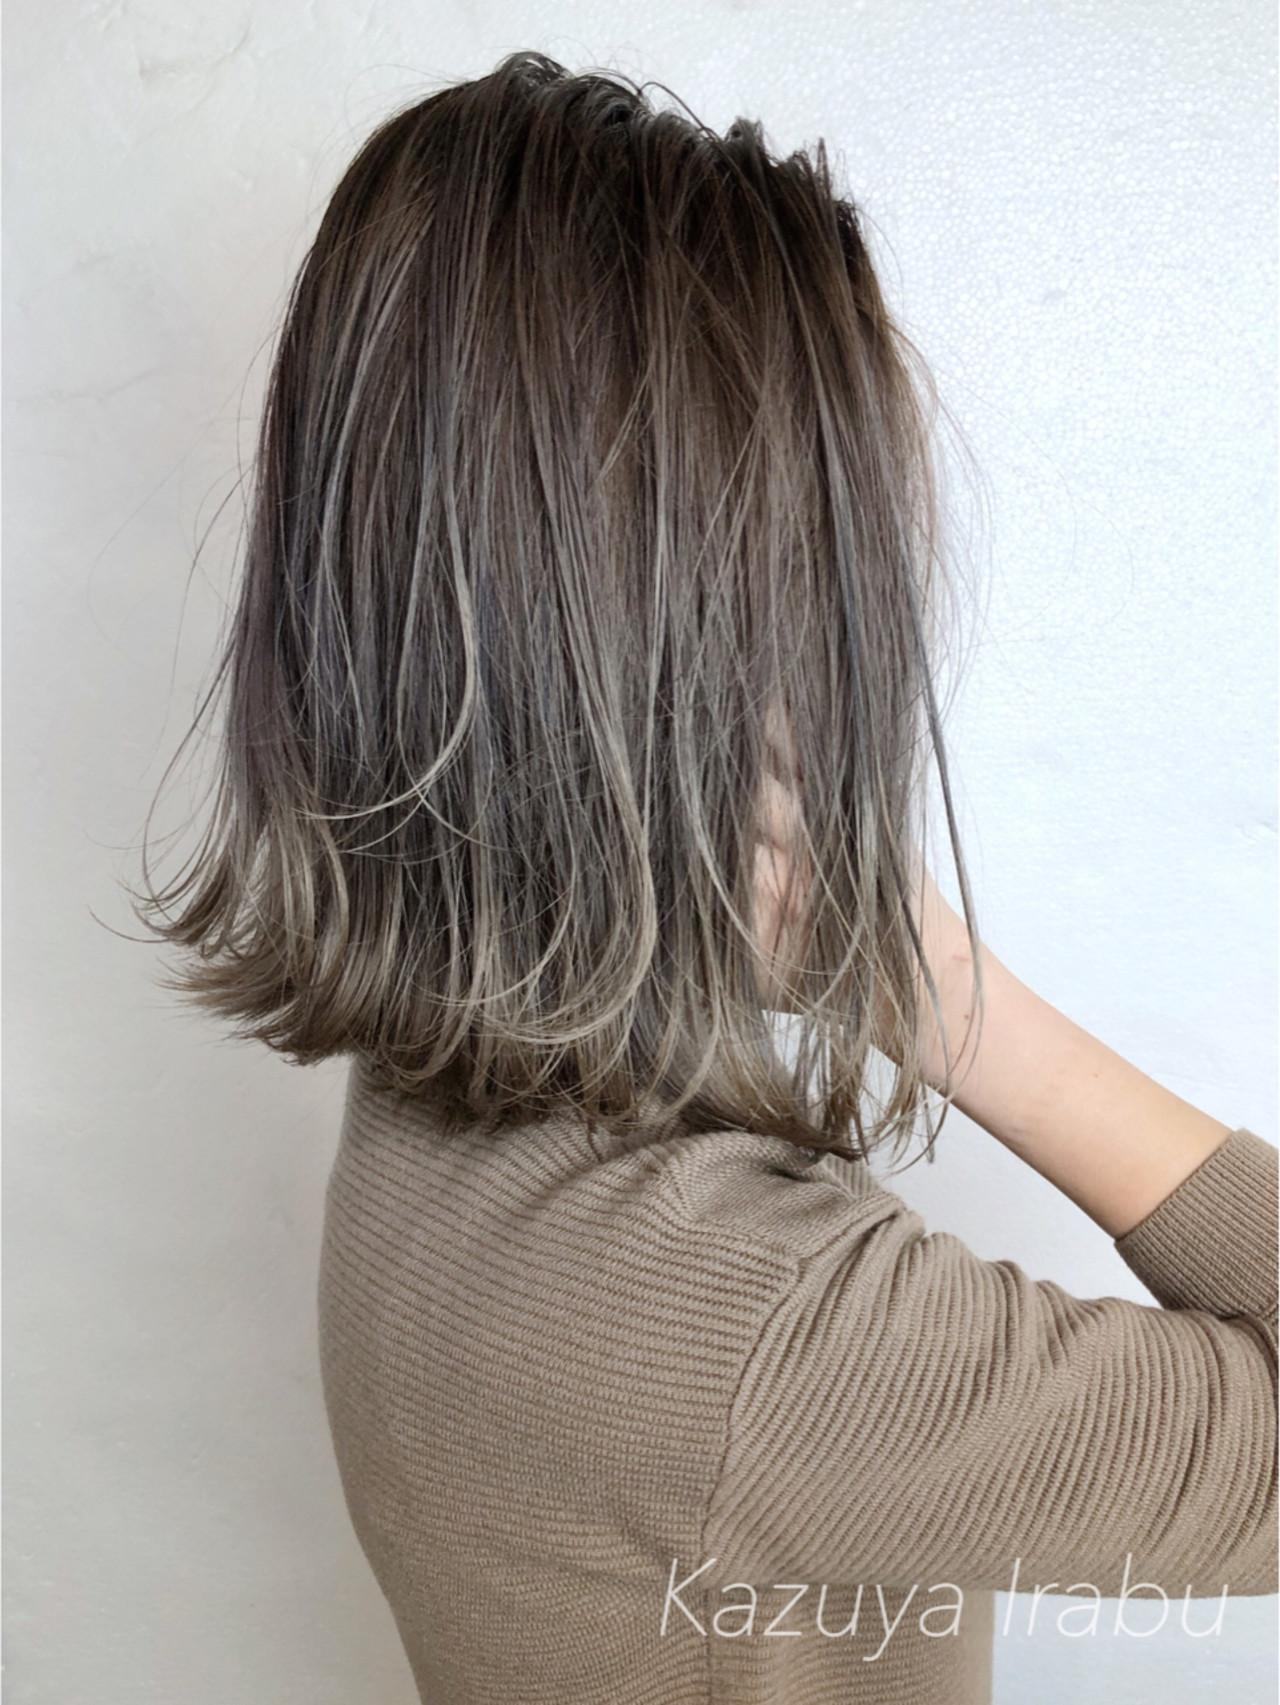 オフィス 愛され モード バレイヤージュヘアスタイルや髪型の写真・画像